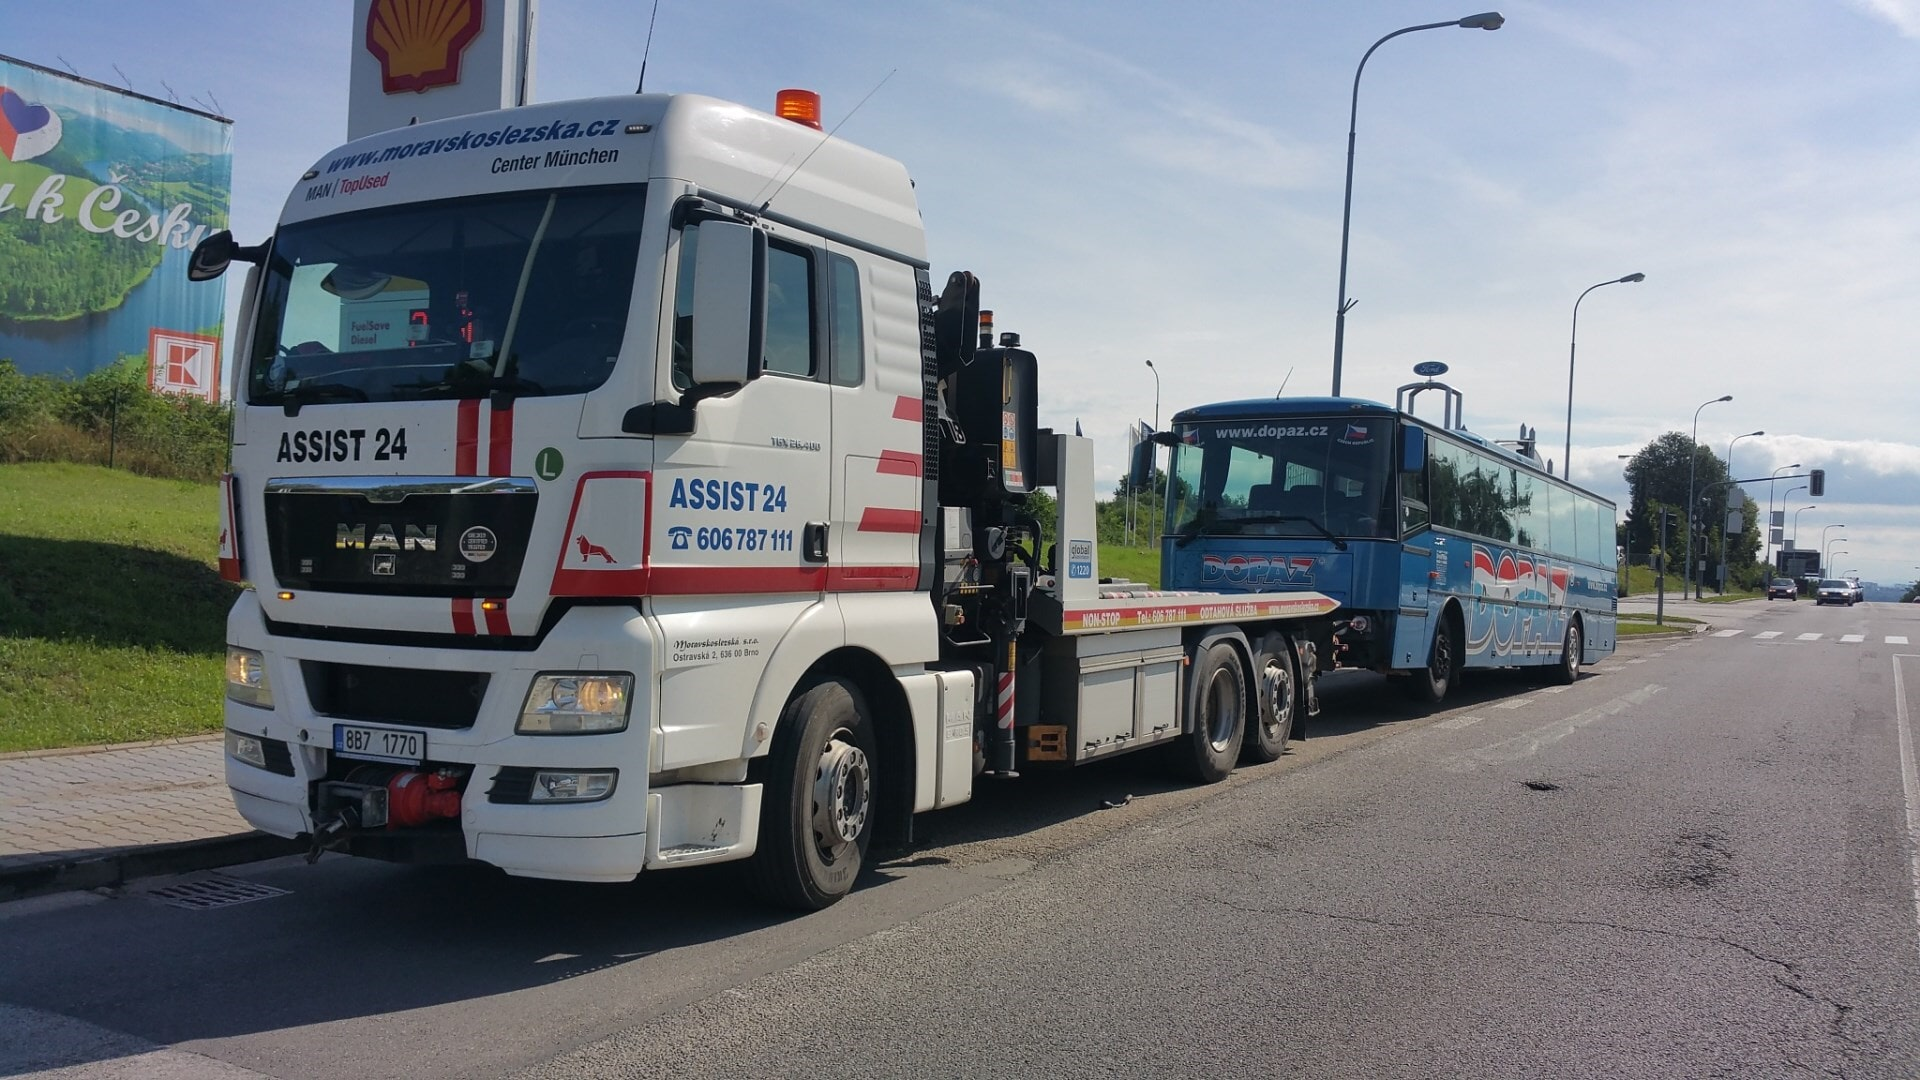 Odtahová služba Brno - ASSIST 24